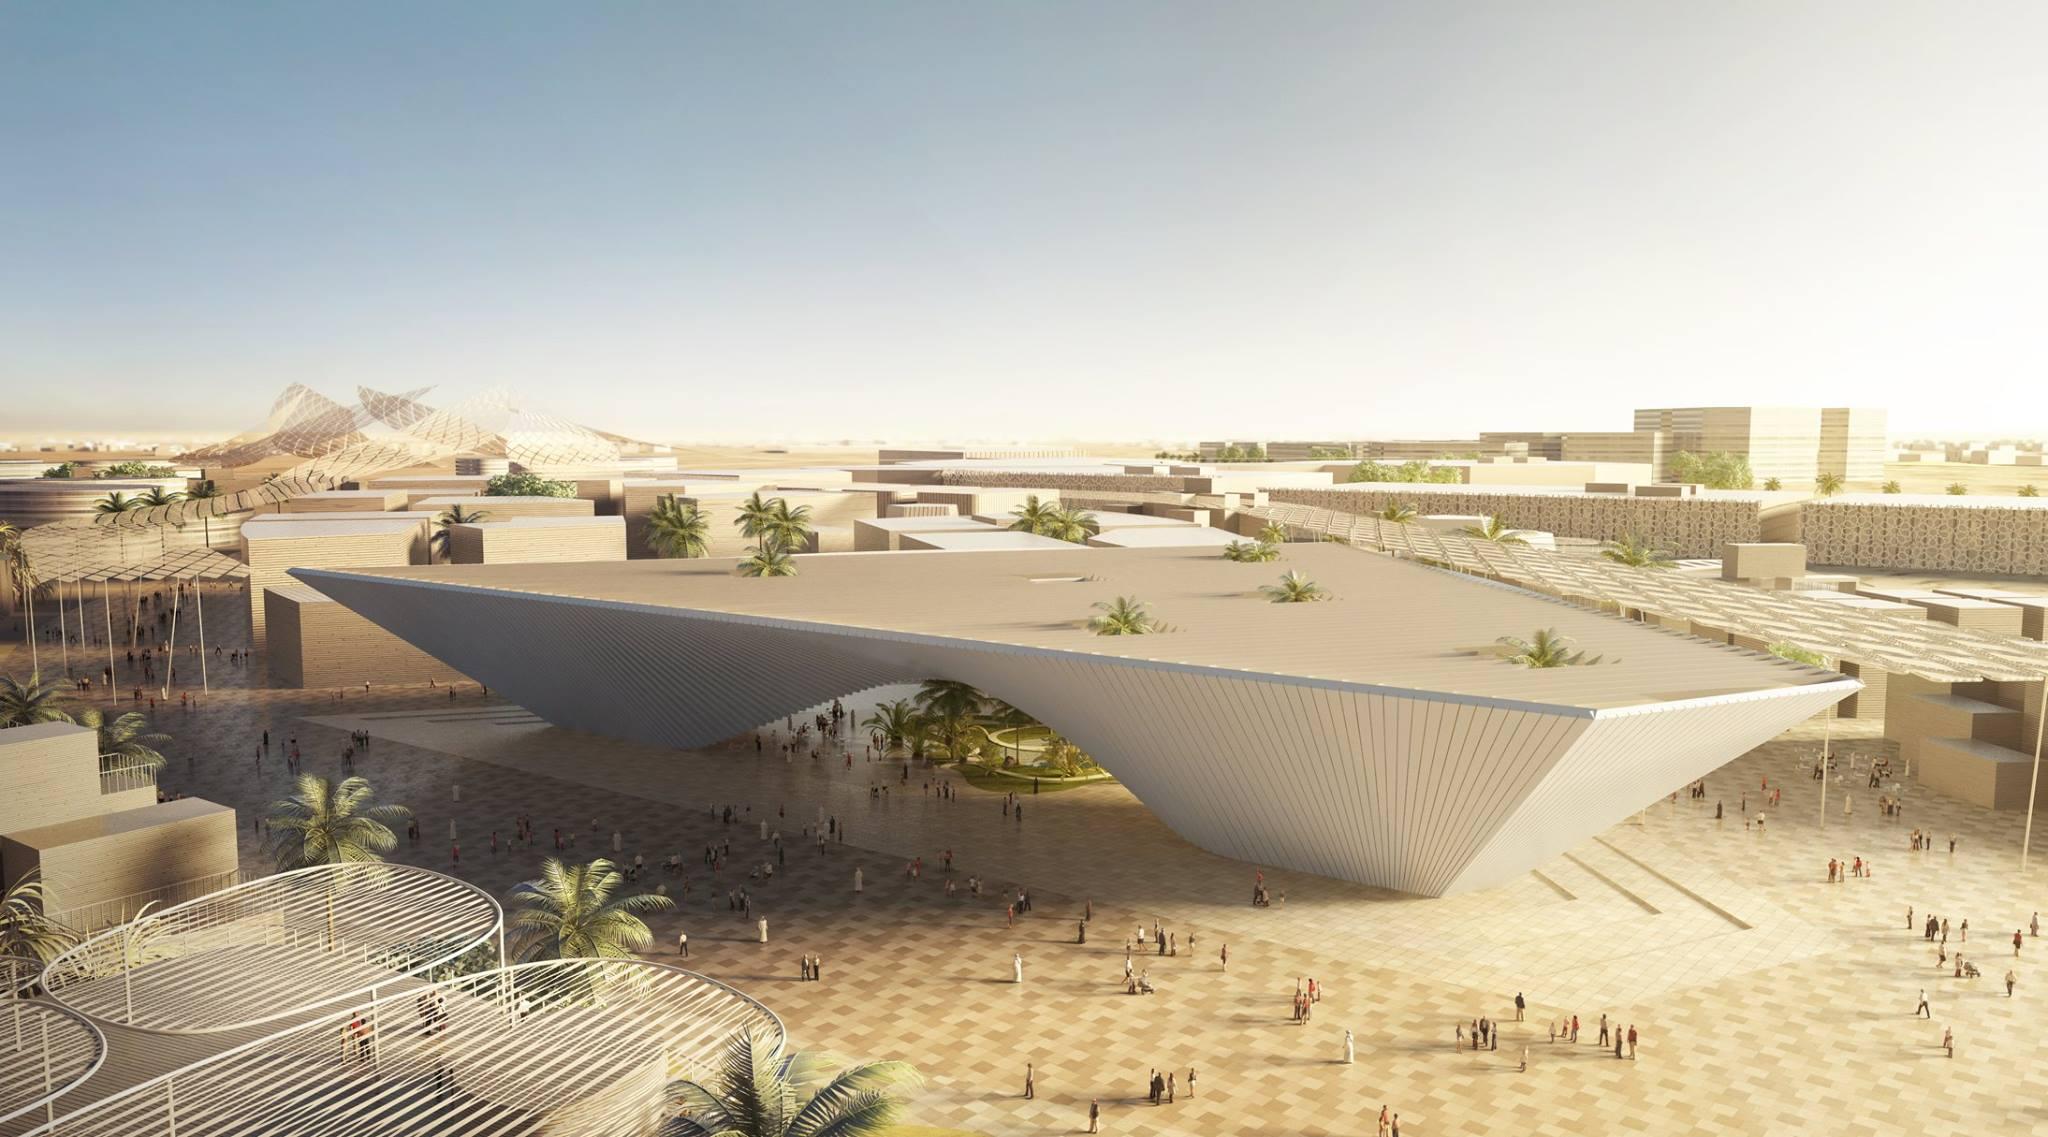 big01 expo-dubai-2020-confira-como-o-projeto-dos-pavilhoes